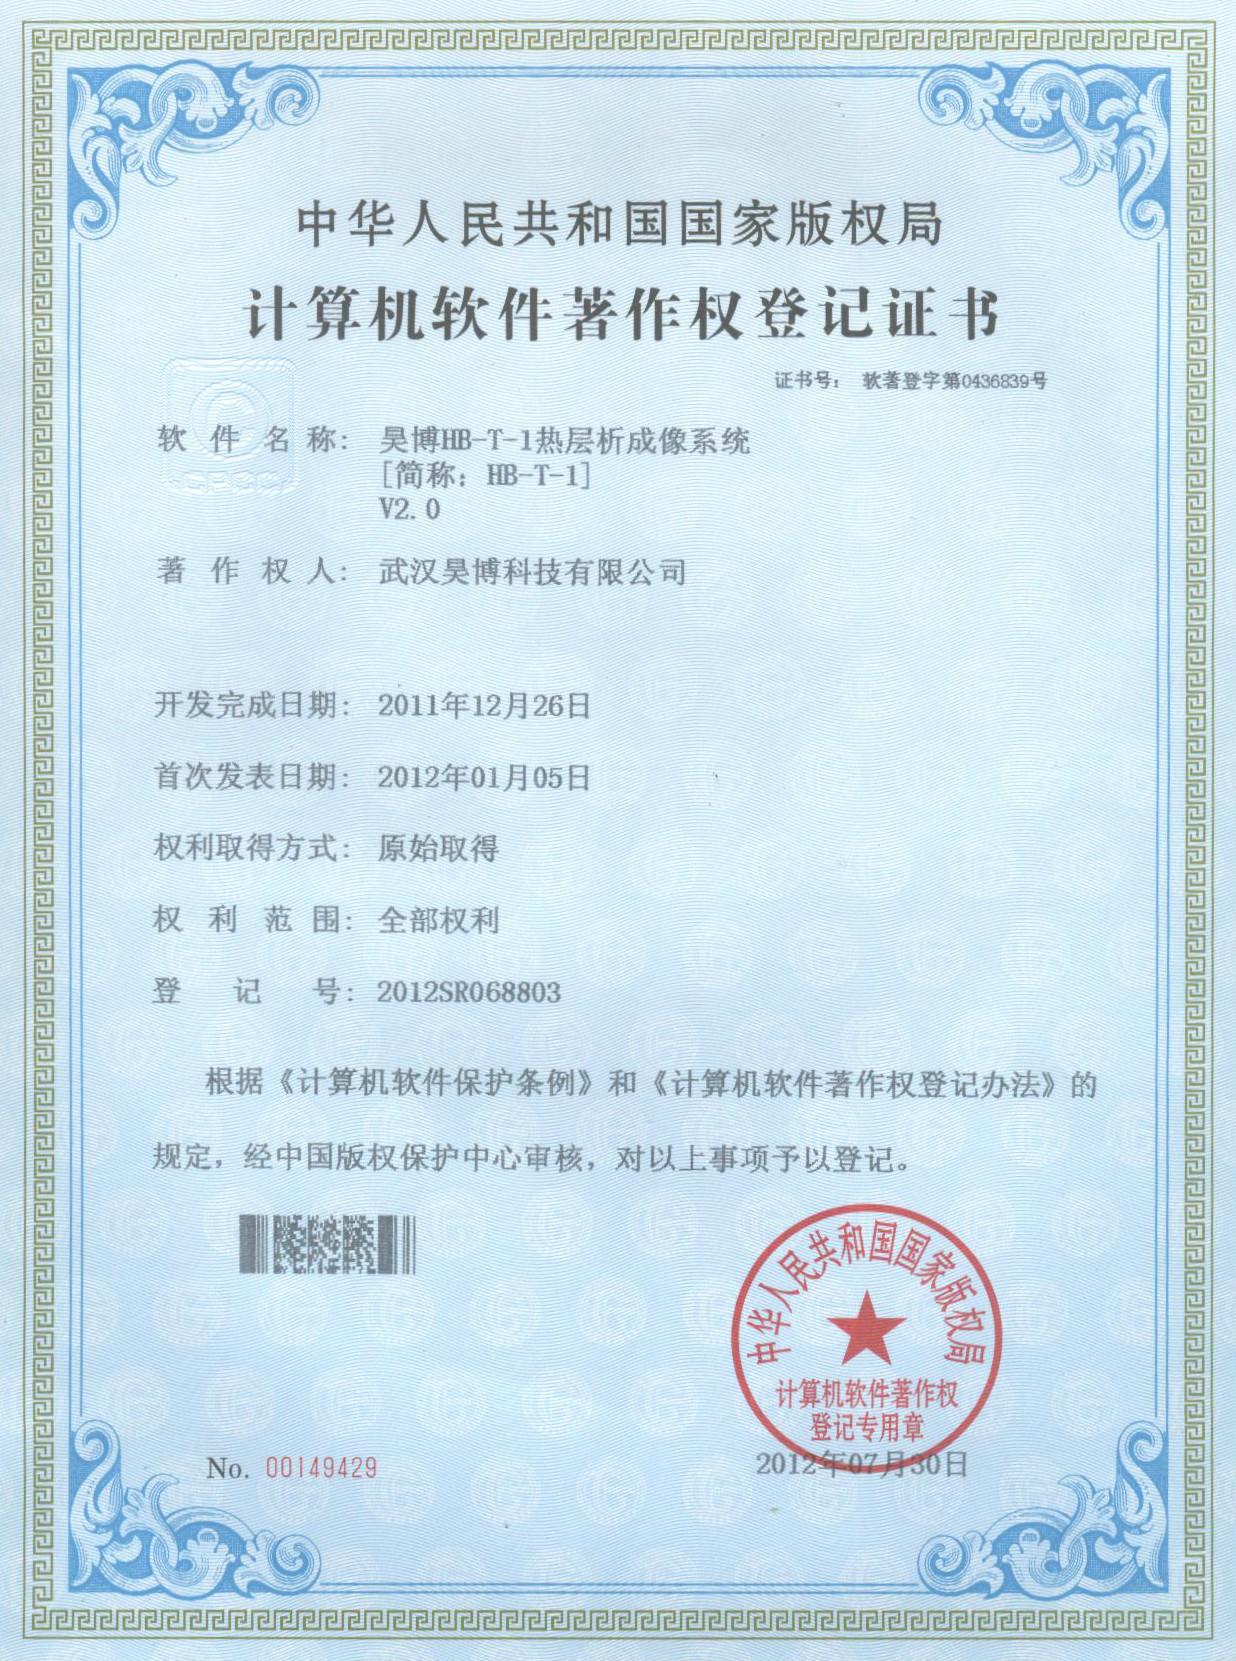 昊博科技计算机软件登记证HB-T-1